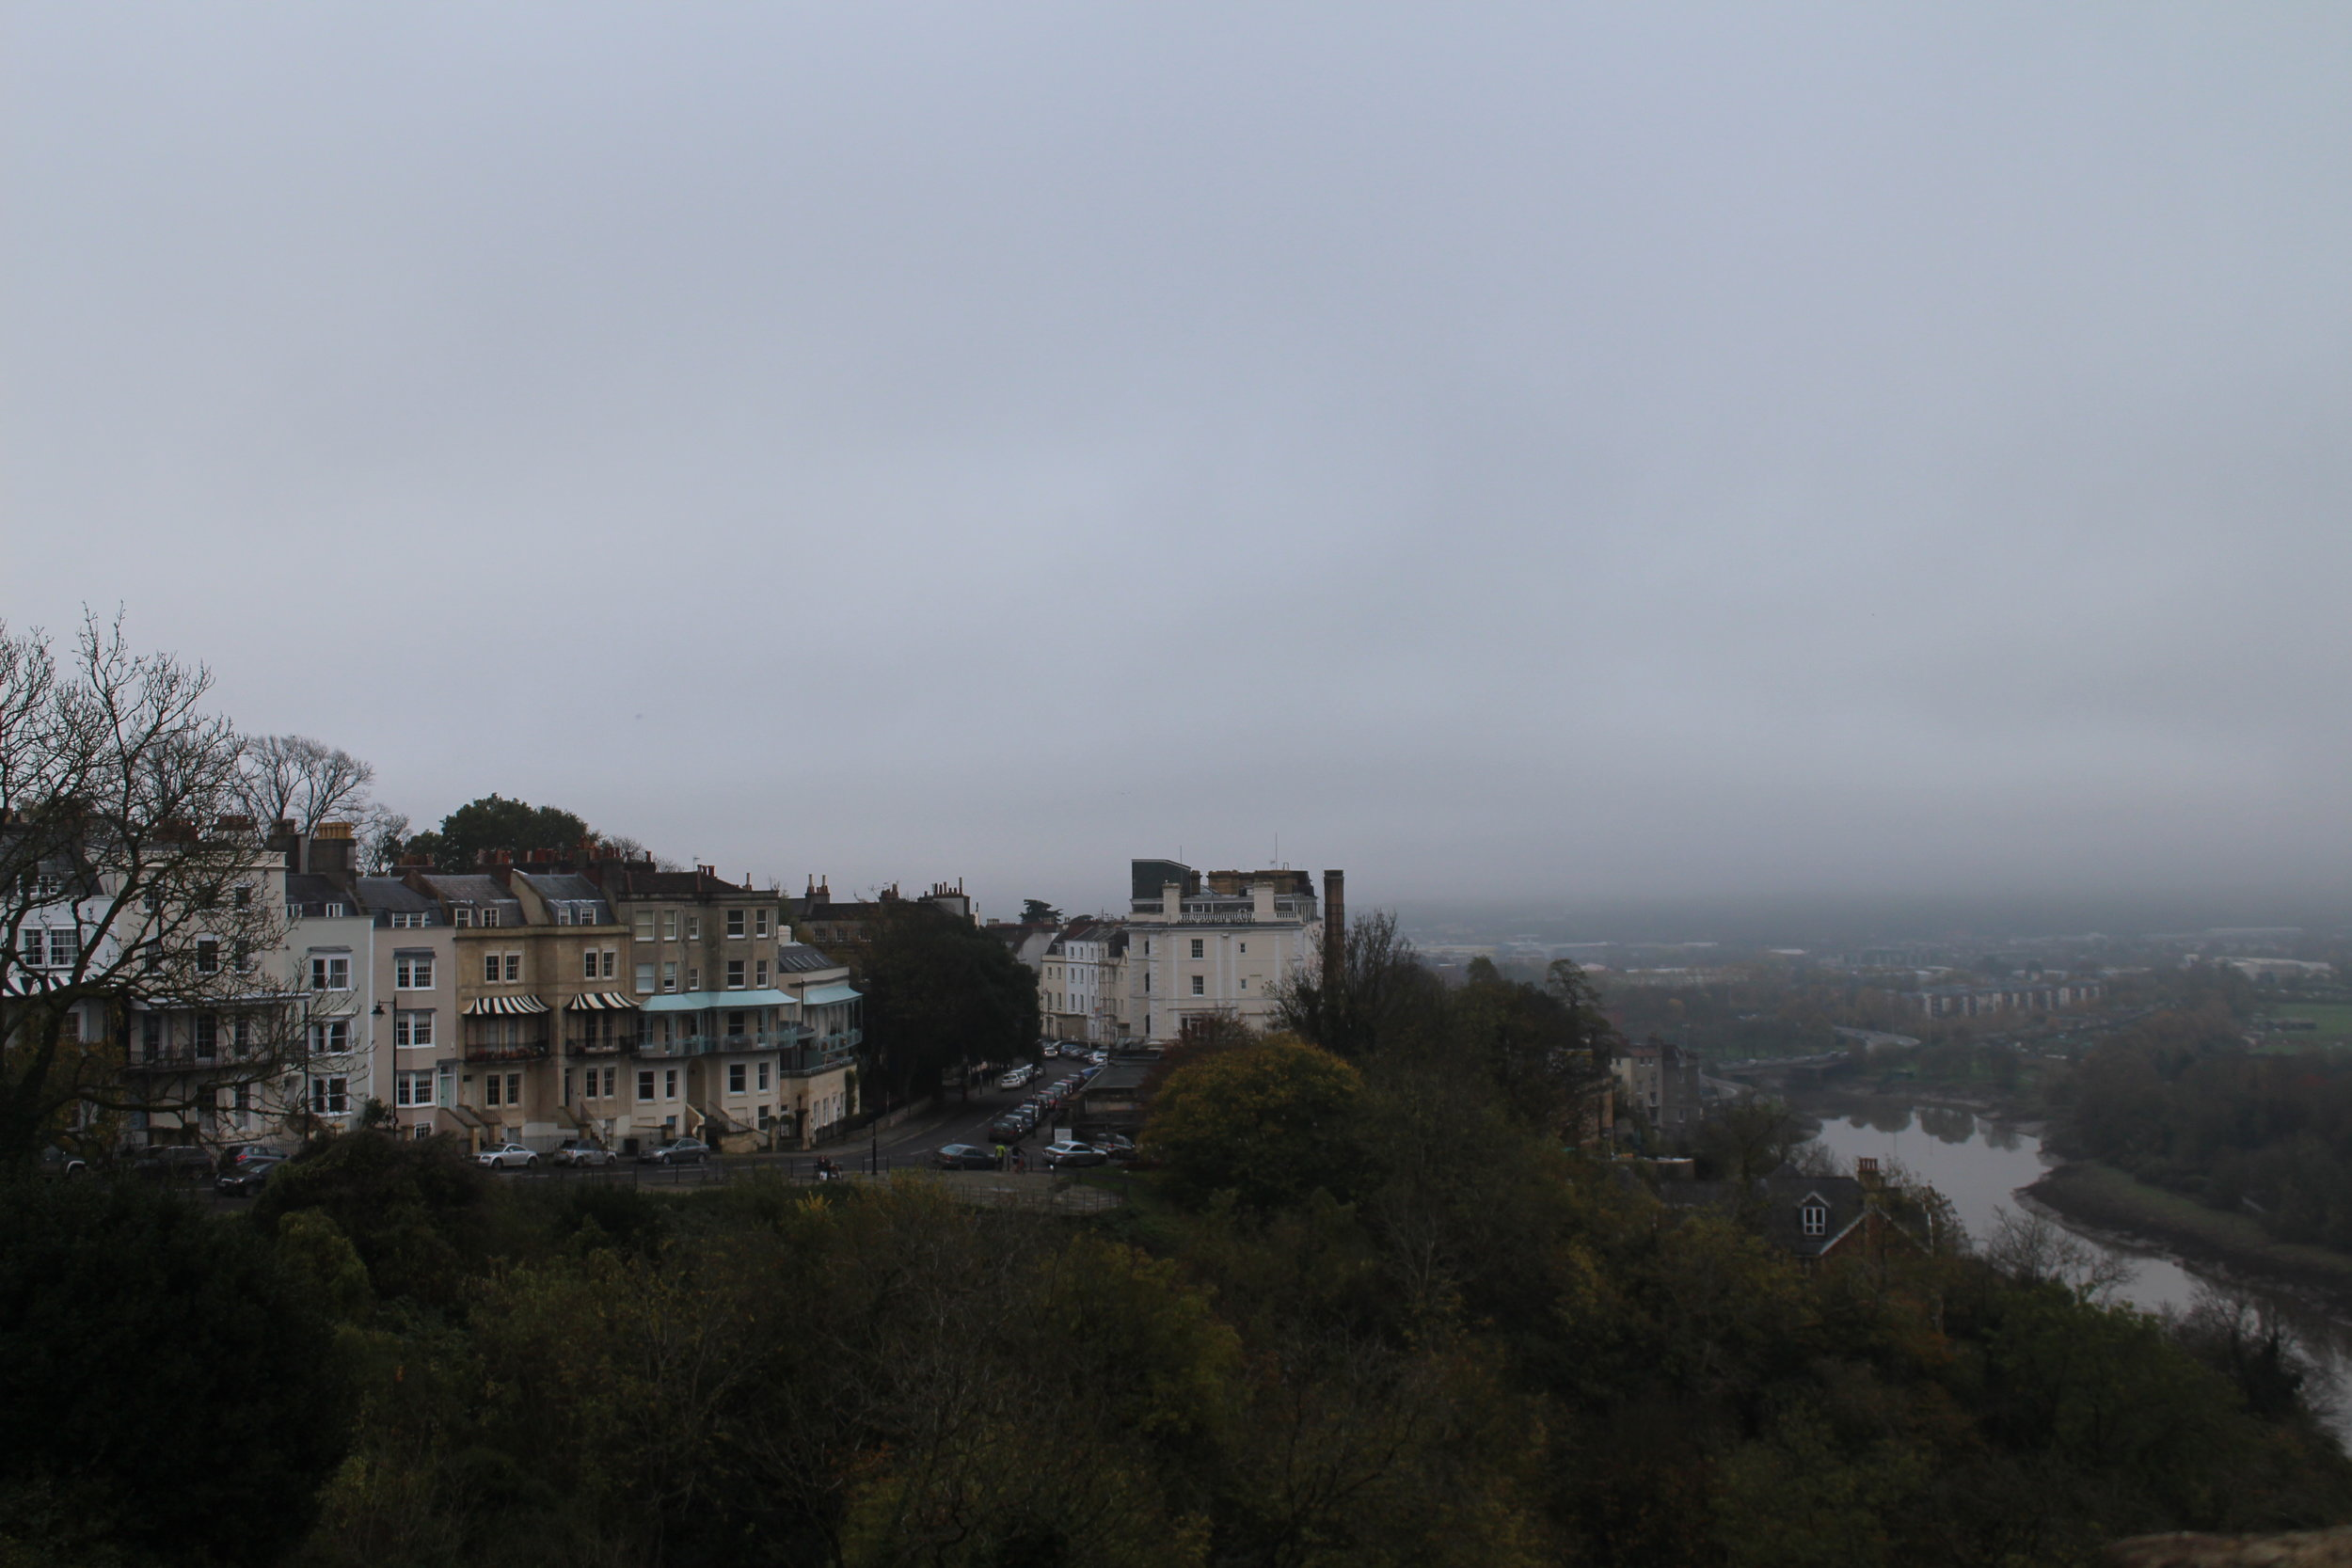 A gloomy Bristol postcard